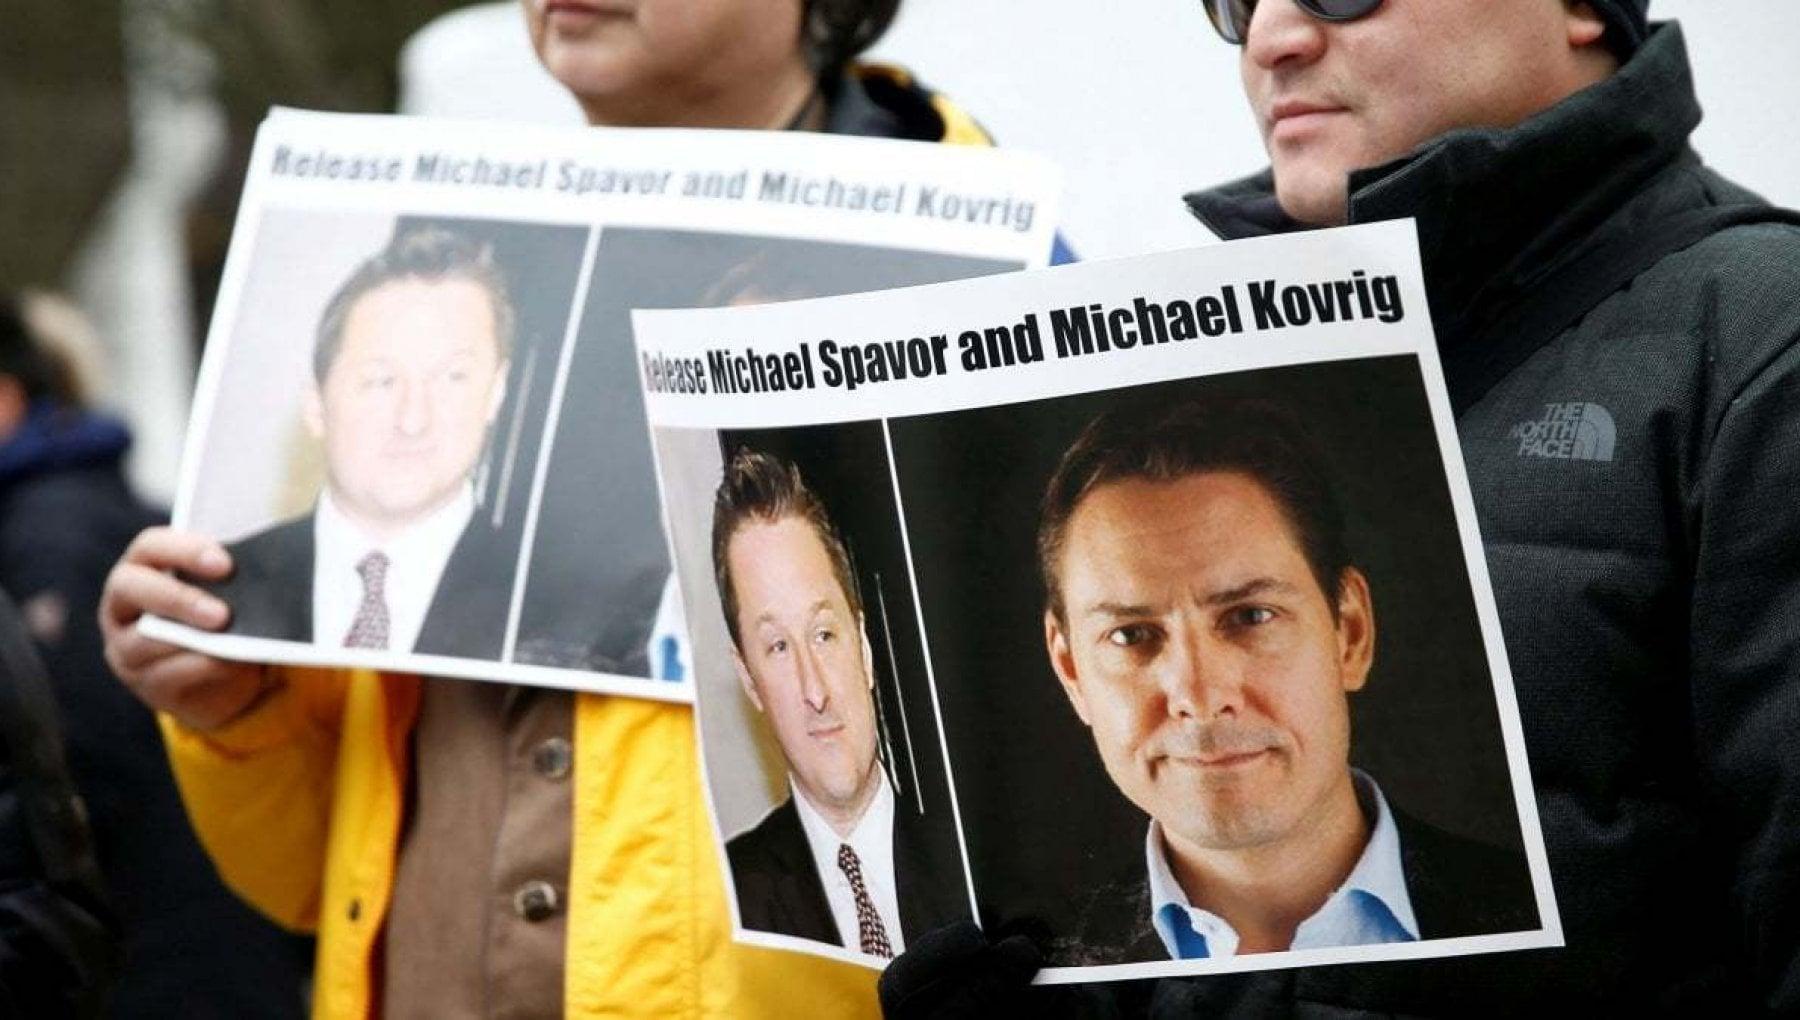 050559951 7a5e9a86 8504 472d bbb5 ed438cb0368d - Cina, iniziato processo per spionaggio contro cittadino canadese: negato l'accesso a diplomatici e giornalisti